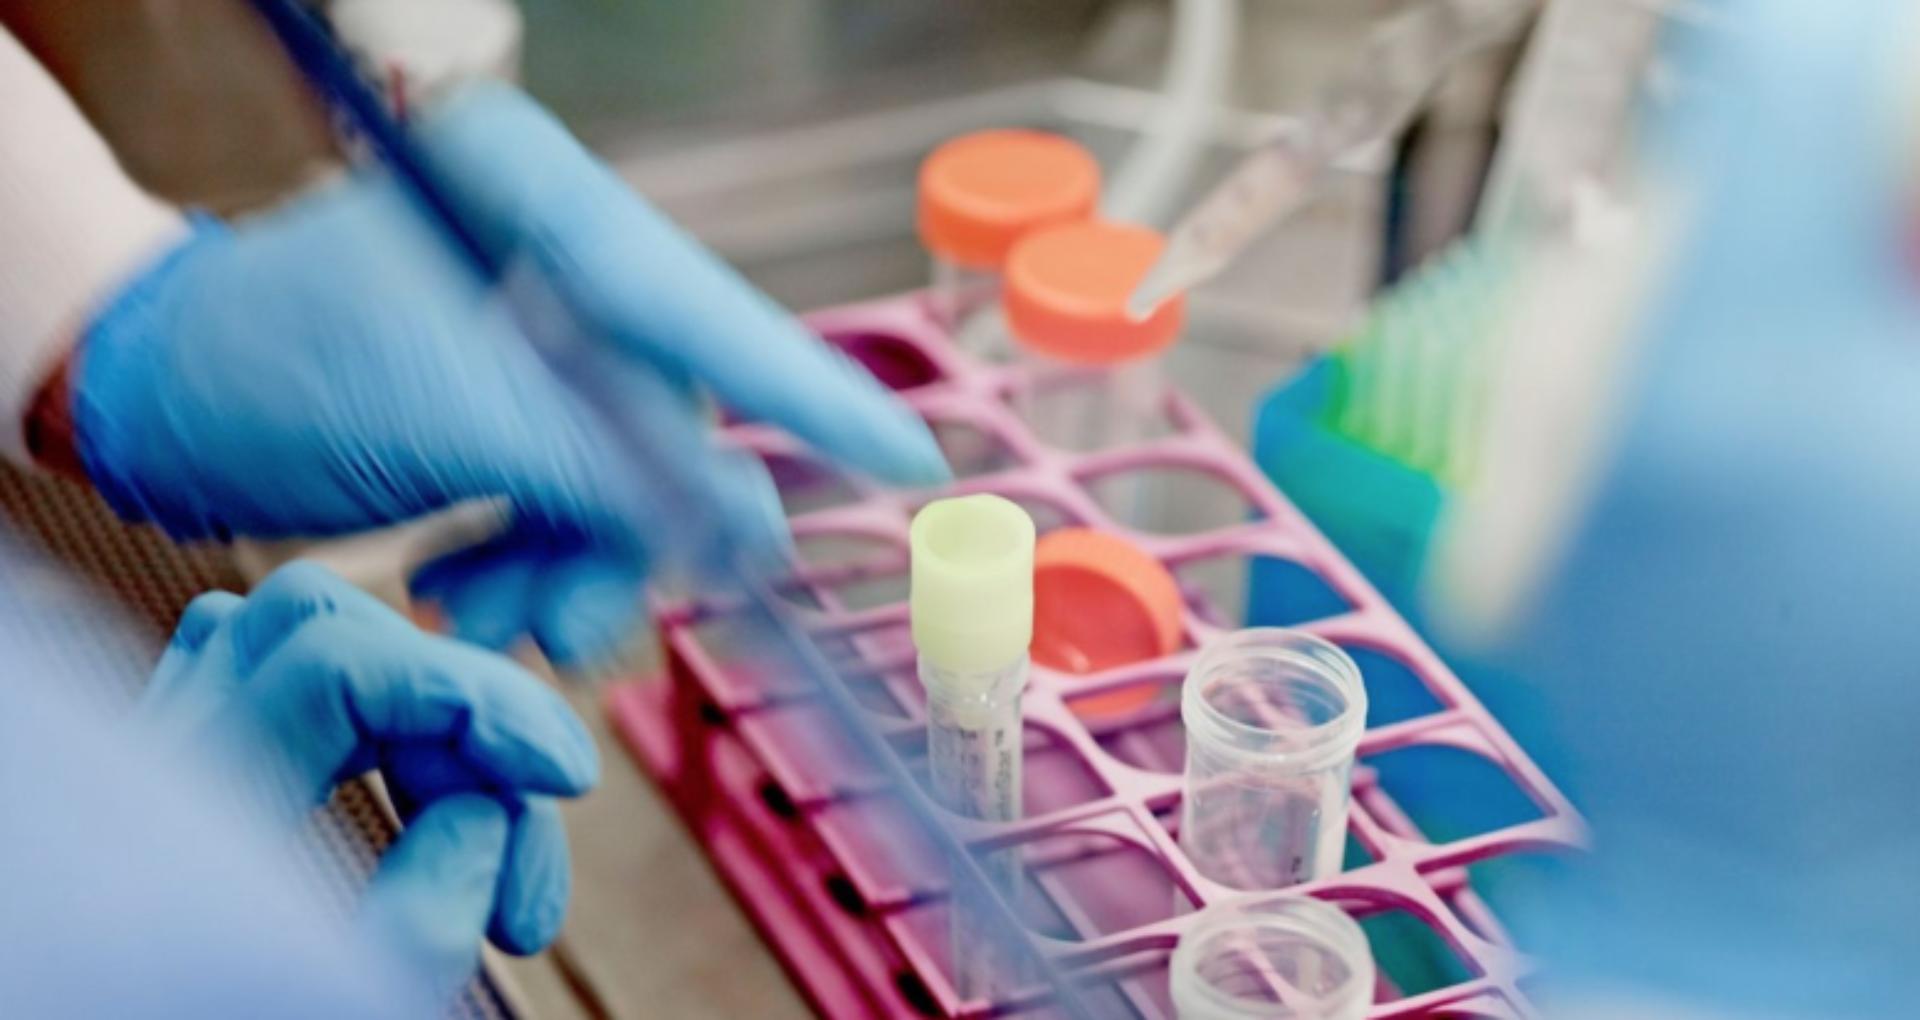 Cum sunt selectați pacienții din R. Moldova pentru a fi testați pentru coronavirus. Testele sunt gratuite și deținute doar de o singură instituție de stat